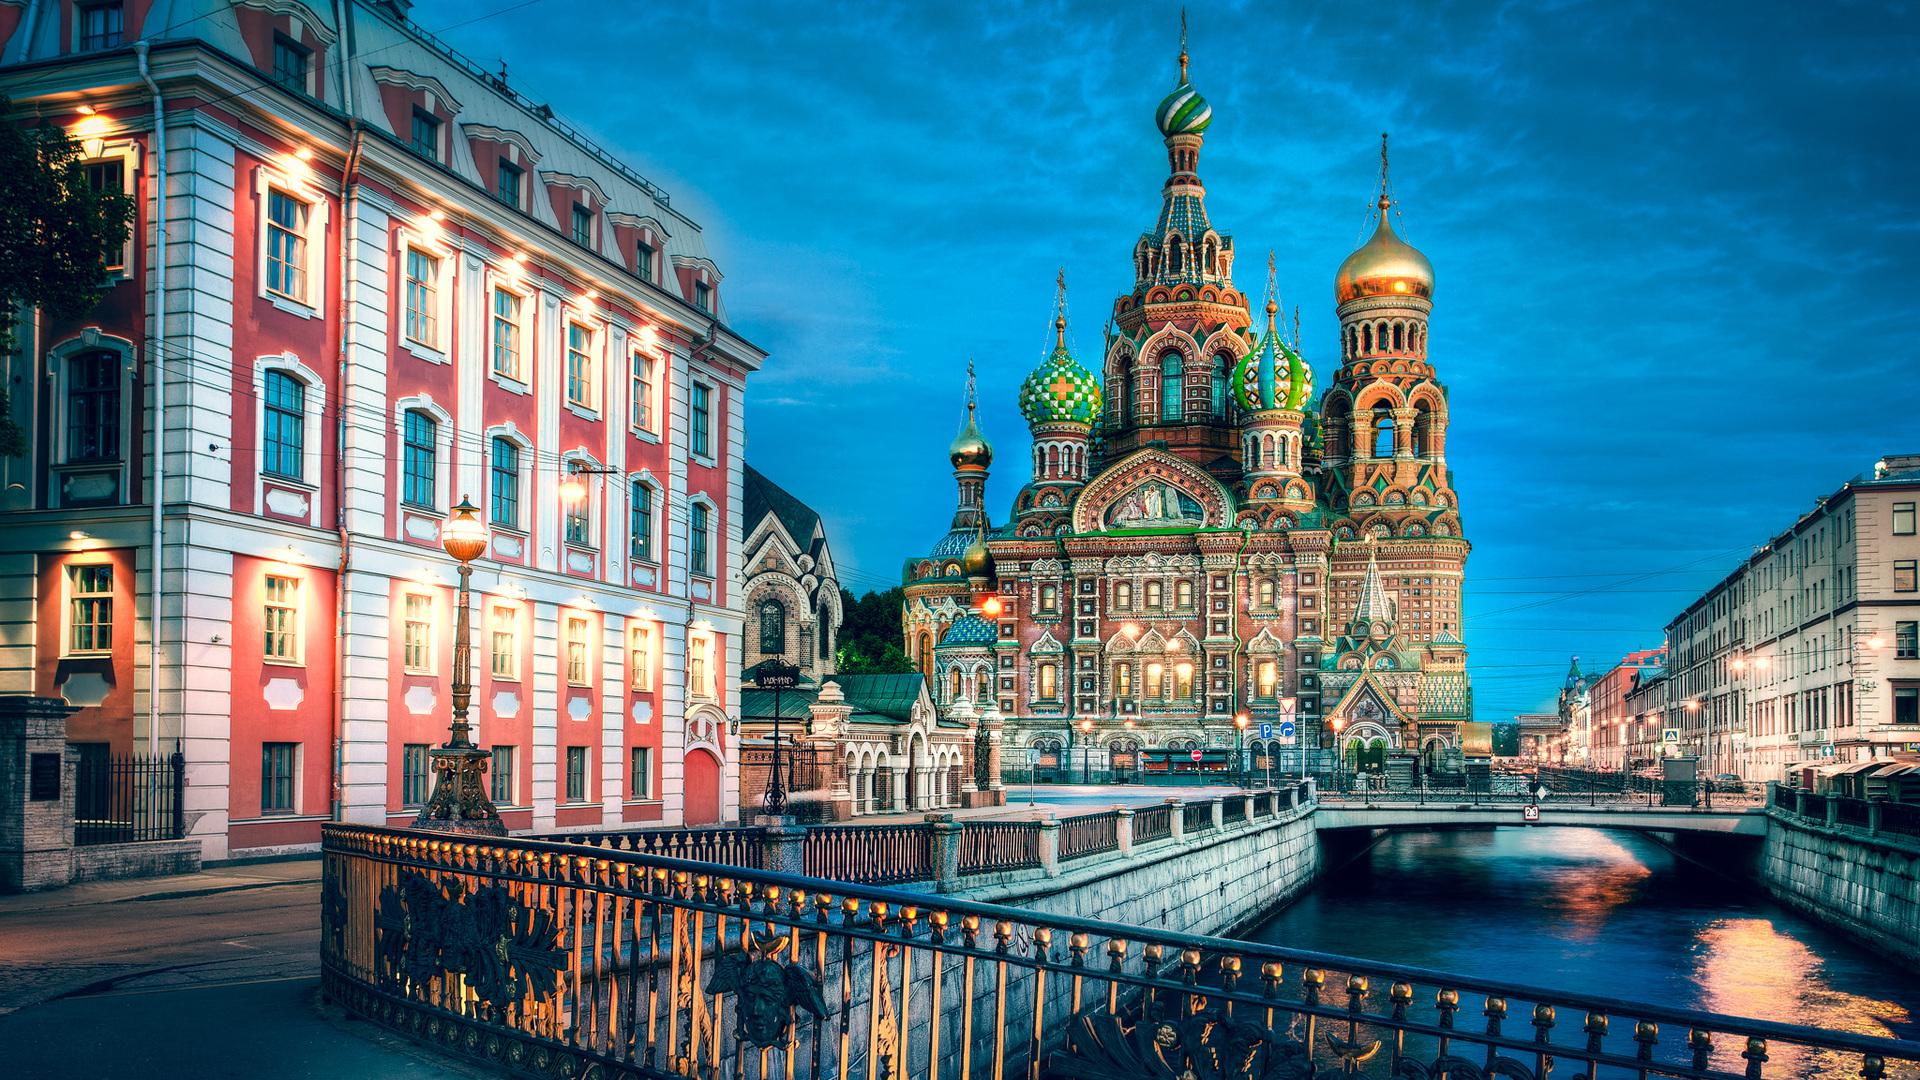 Spécial réveillon 2018 à Saint-Petersbourg